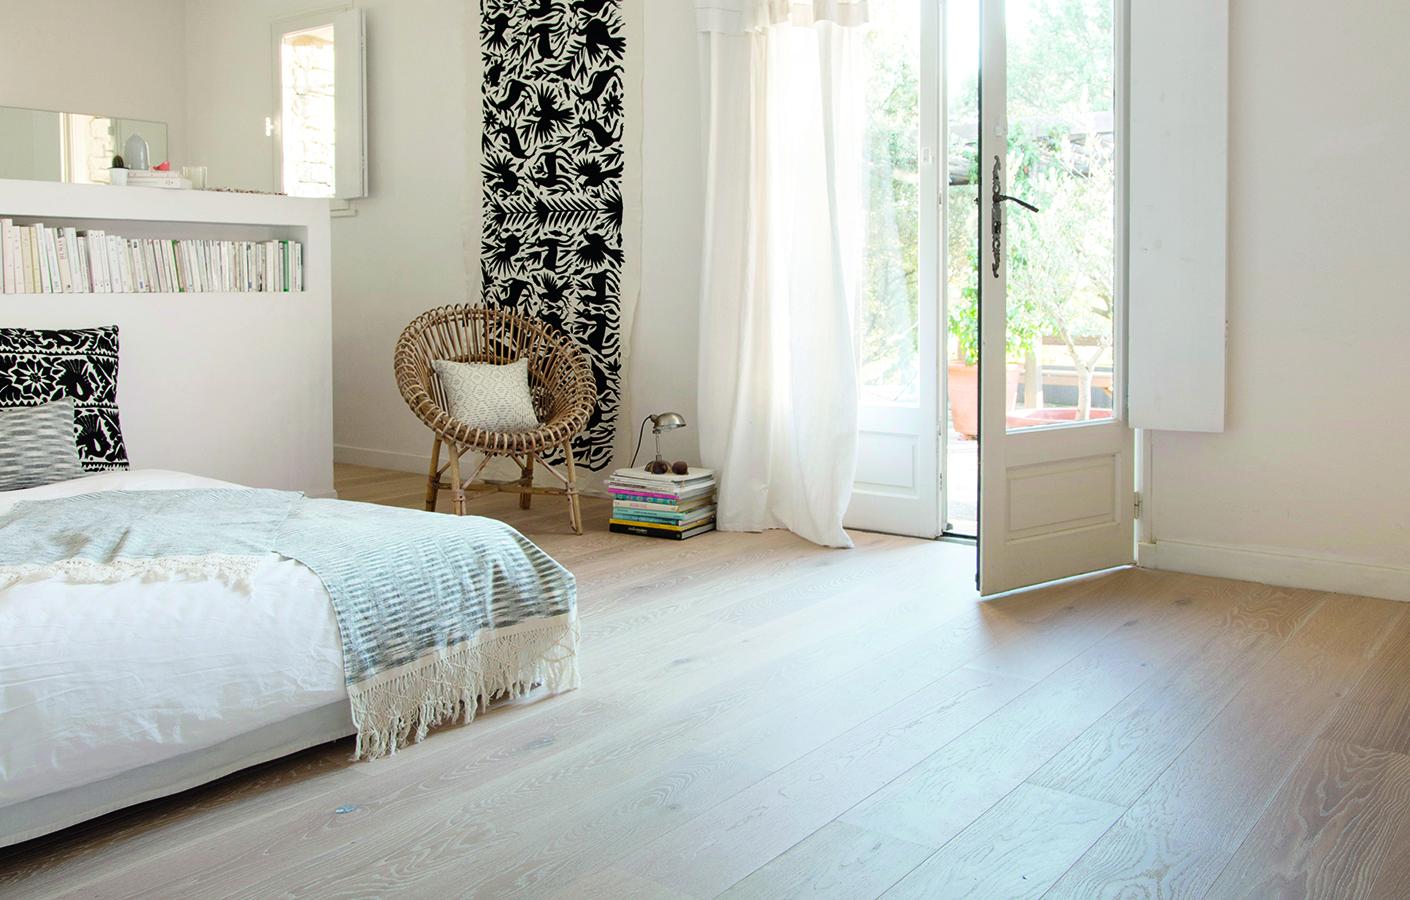 Super Wie wählt man den besten Bodenbelag für das Schlafzimmer aus DV19